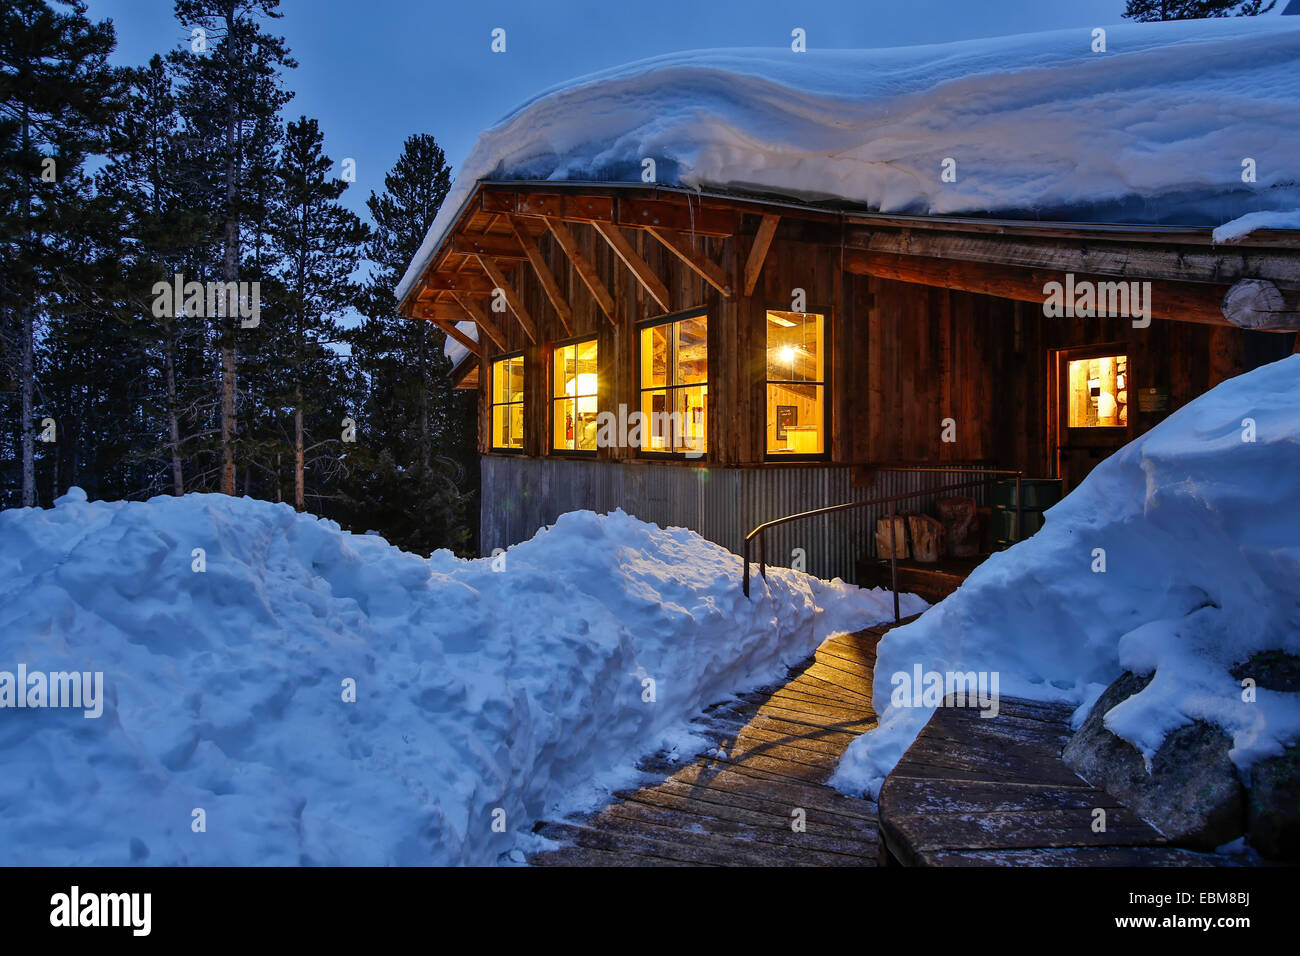 Coperte di neve Fritz capanna, Benedetto capanne, vicino a Aspen Colorado, STATI UNITI D'AMERICA Immagini Stock